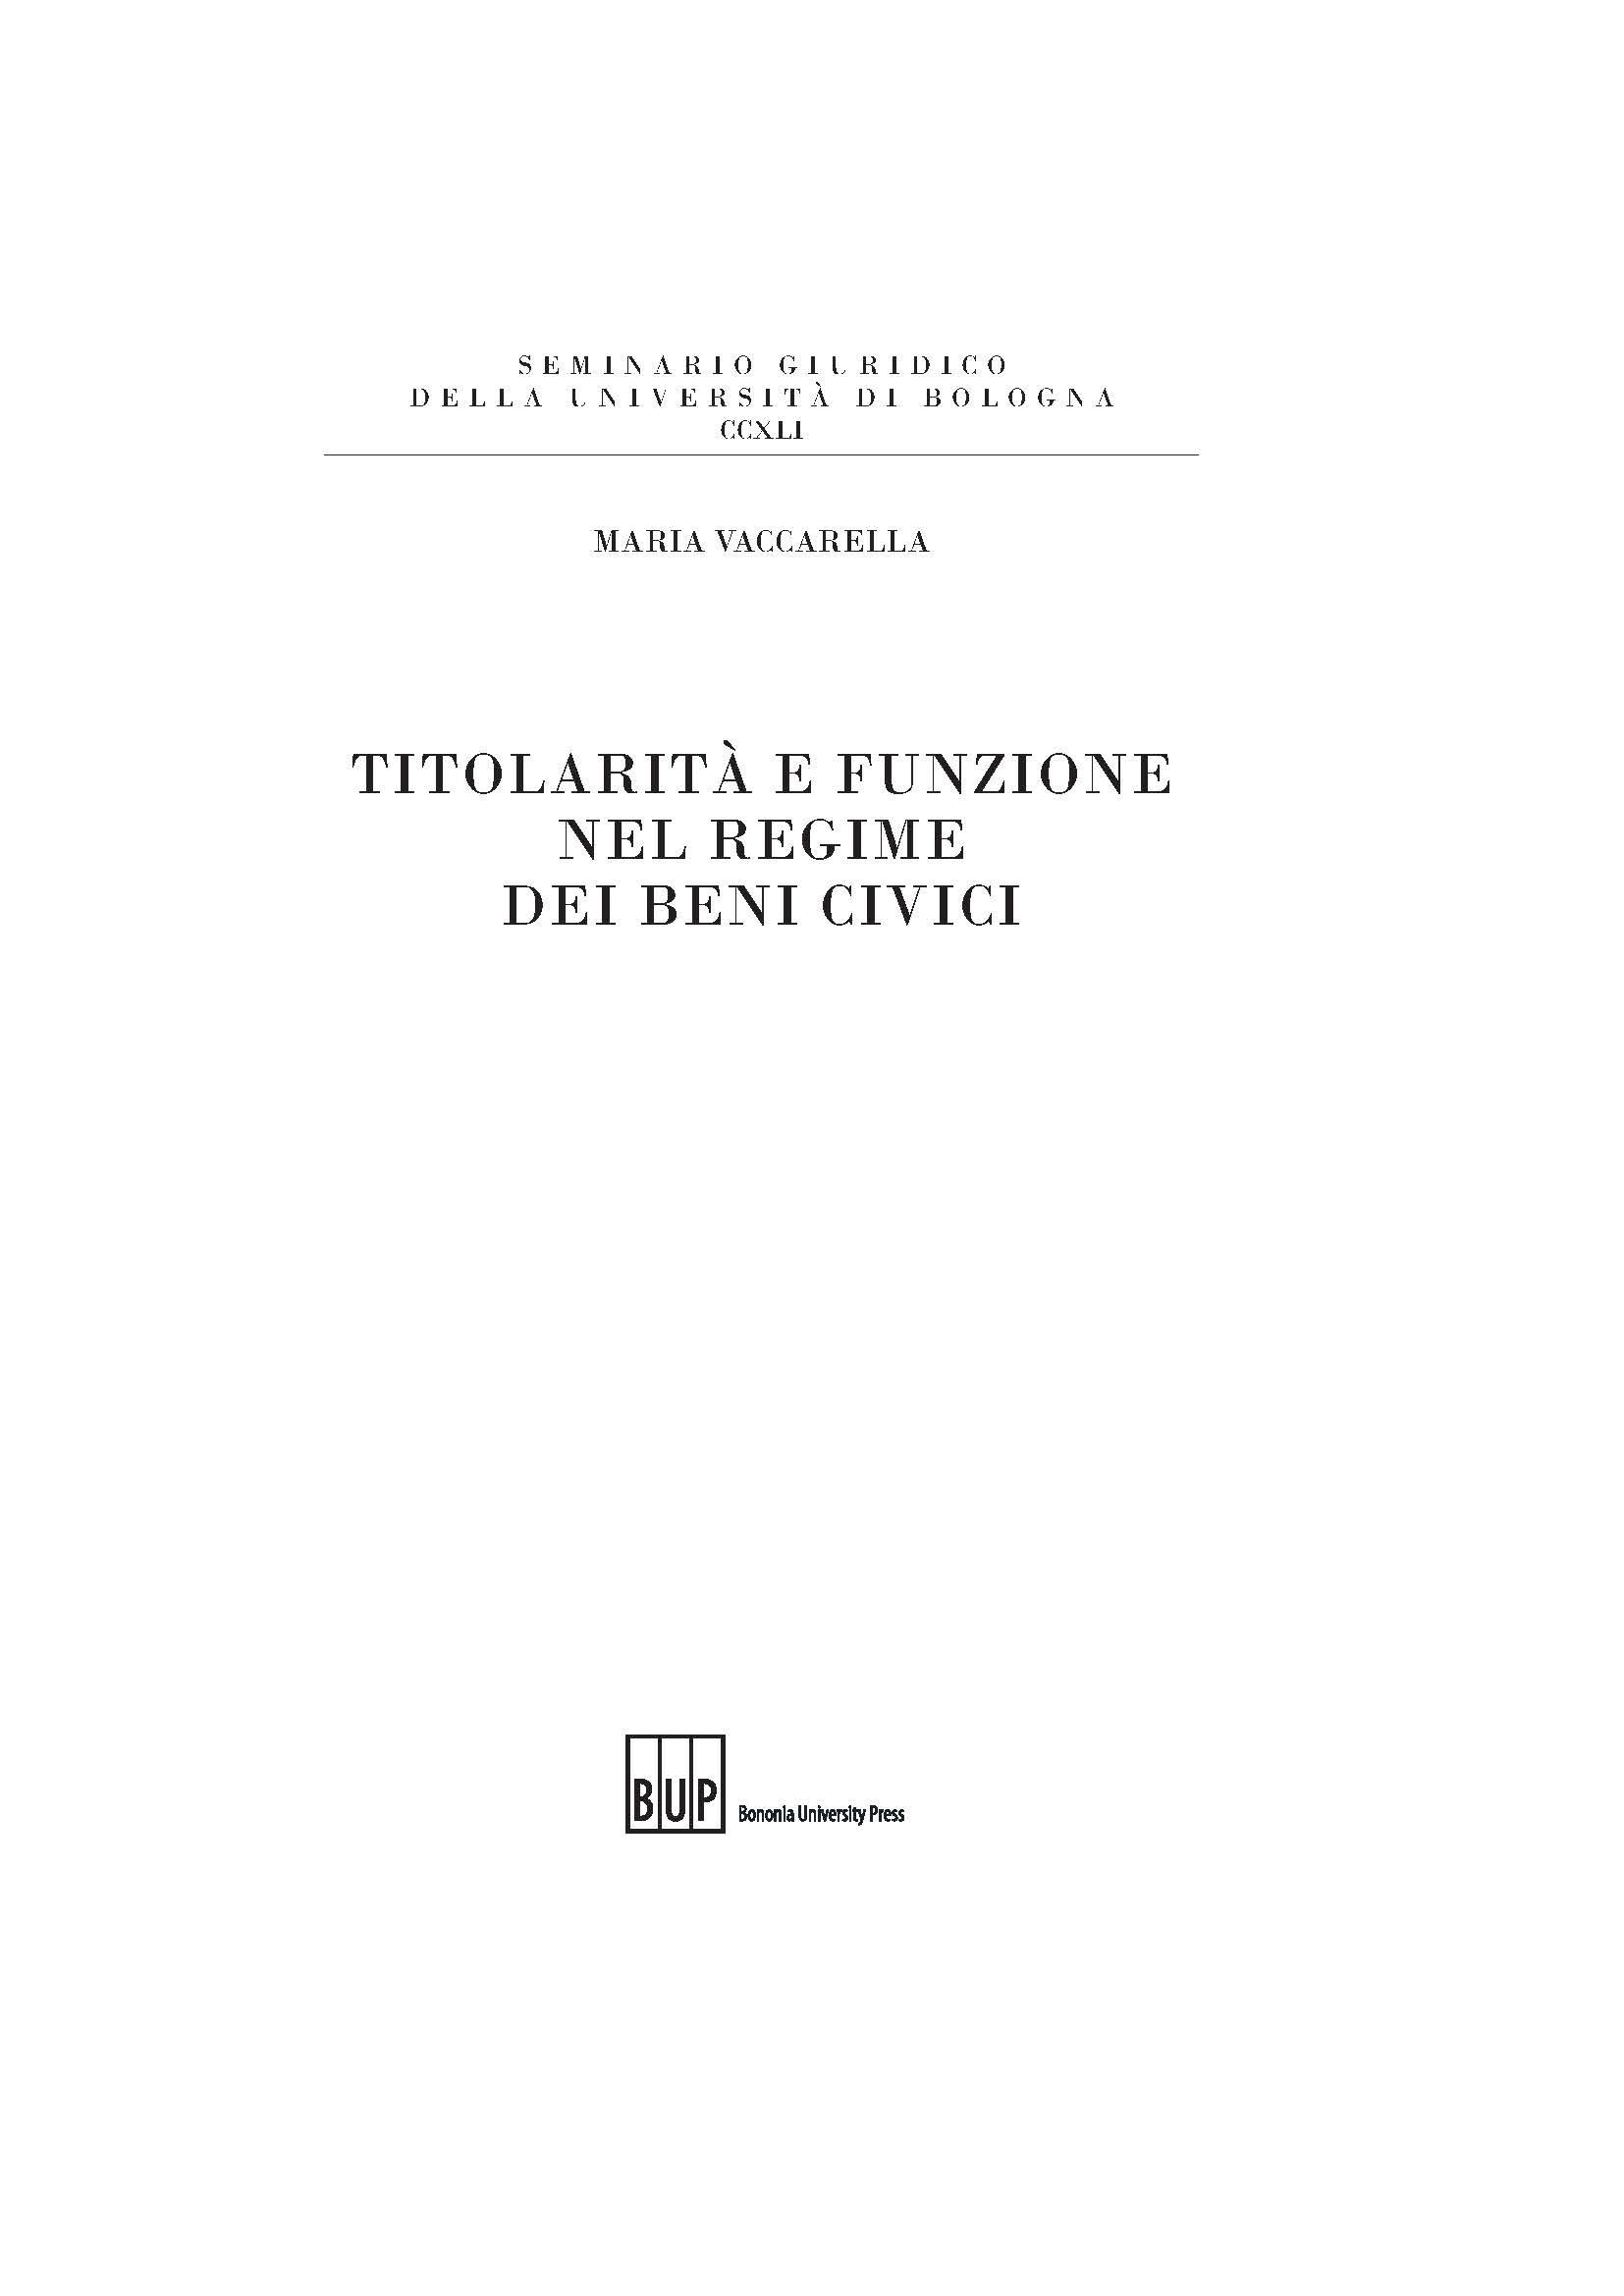 Titolarità e funzione nel regime dei beni civici - Bononia University Press